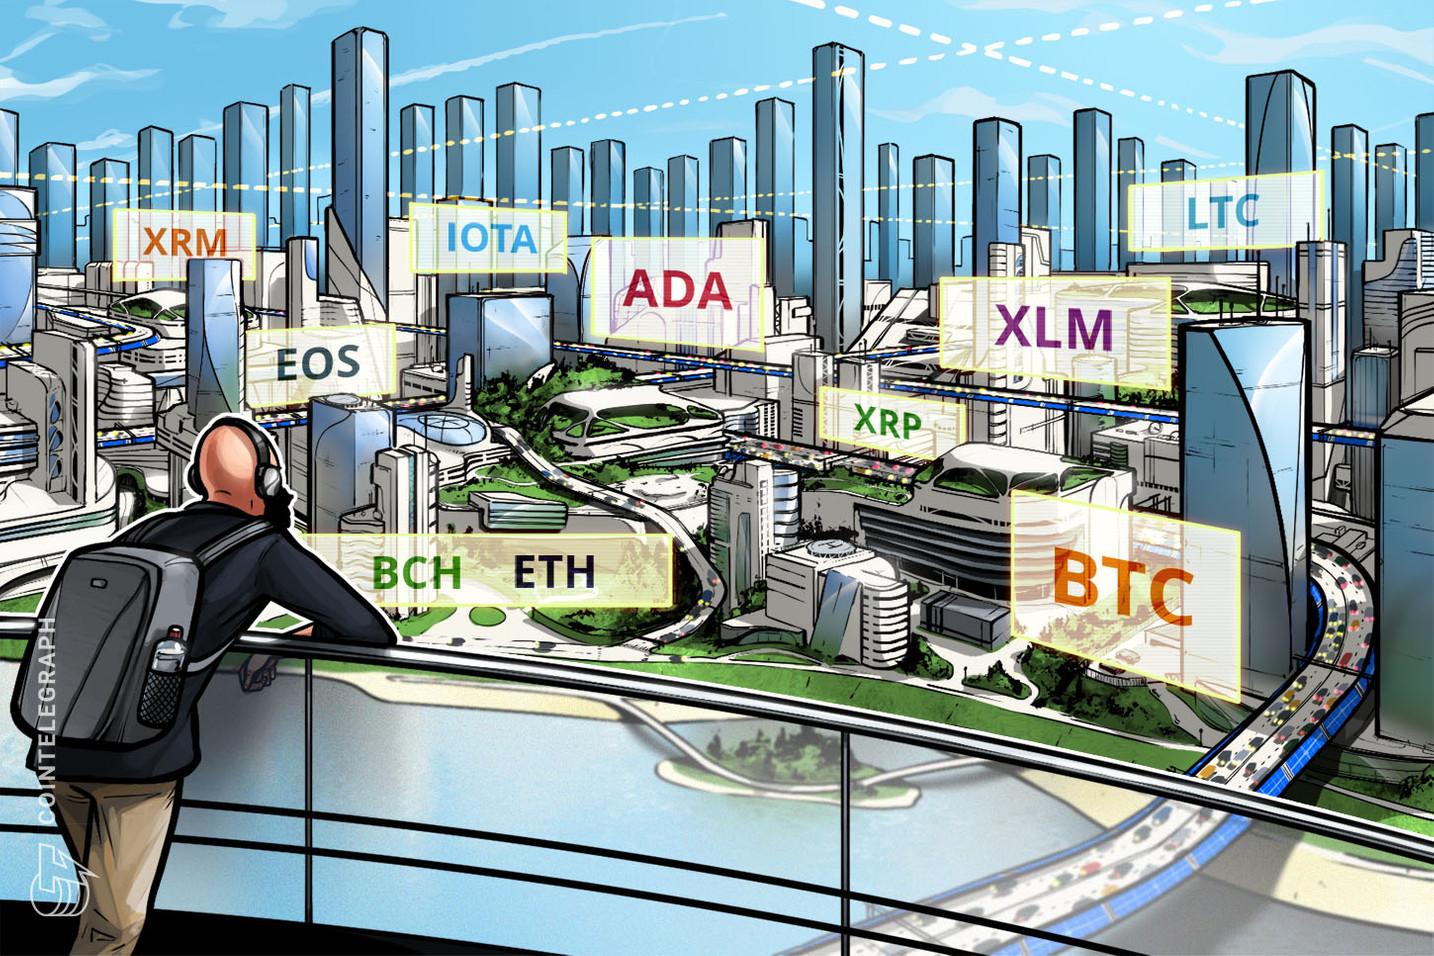 Análisis de precios, 15 de agosto: Bitcoin, Ethereum, Ripple, Bitcoin Cash, EOS, Stellar, Litecoin, Cardano, Monero, IOTA